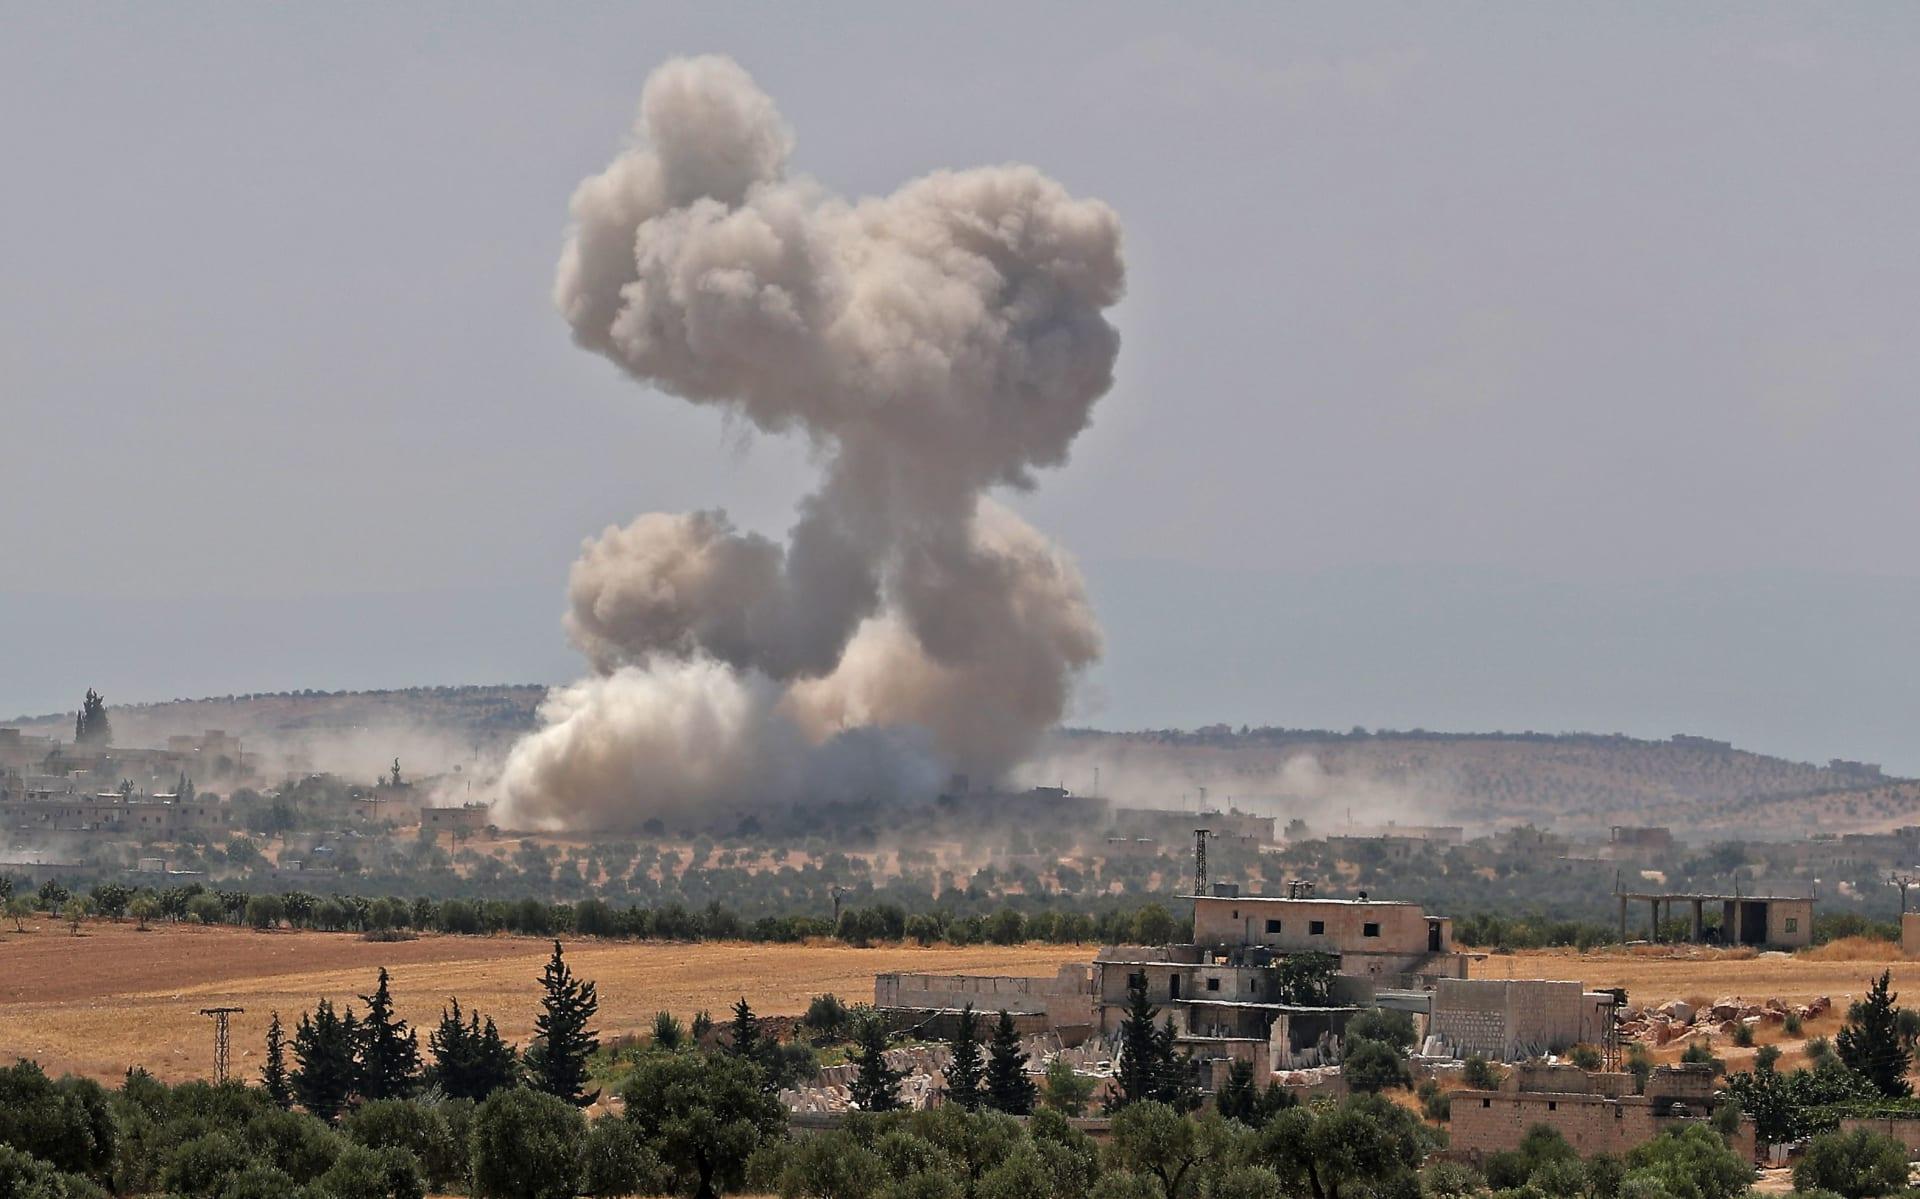 النظام السوري يعلن السيطرة على بلدات خاضعة للمعارضة في ريف حماة